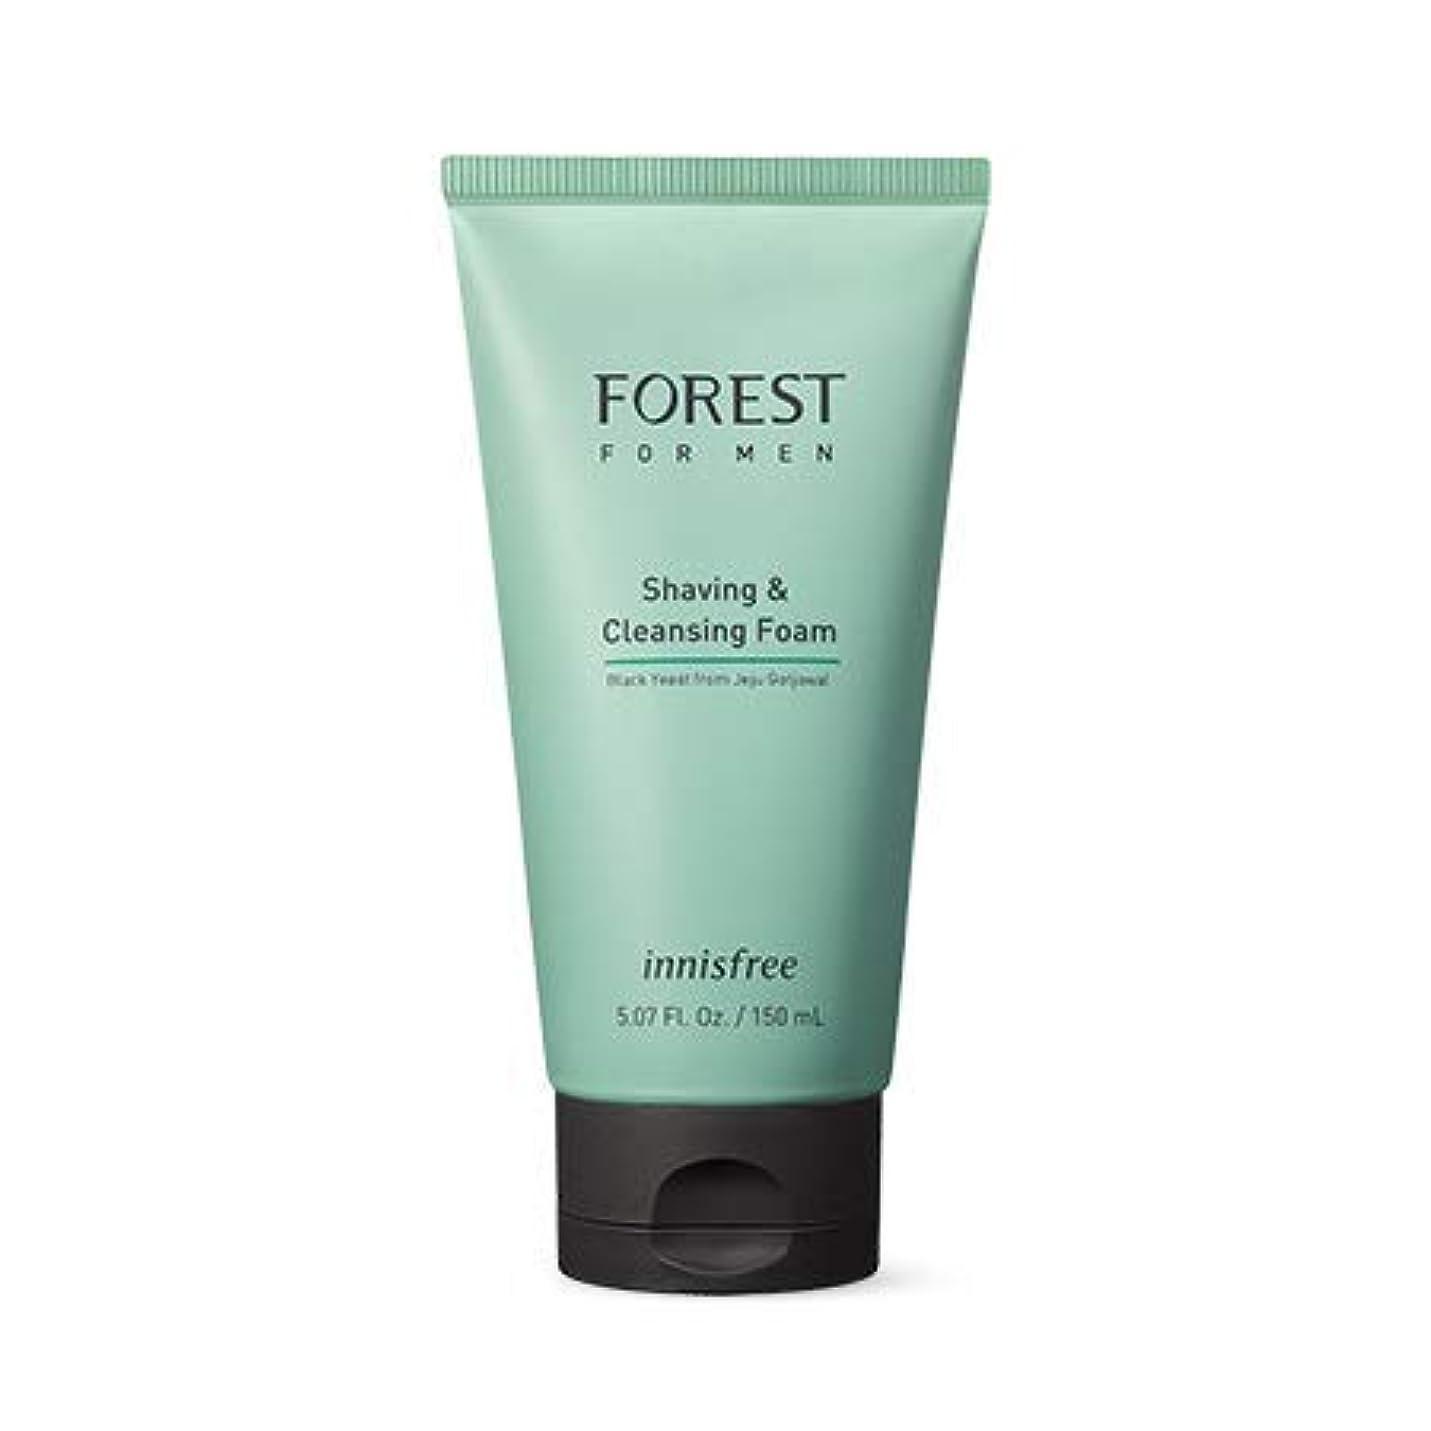 水銀のミキサー判読できない[イニスフリー.innisfree]フォレストフォアマンシェービング&クレンジングフォーム150mL(2019.05新製品)/ Forest for Men Shaving&Cleansing Foam